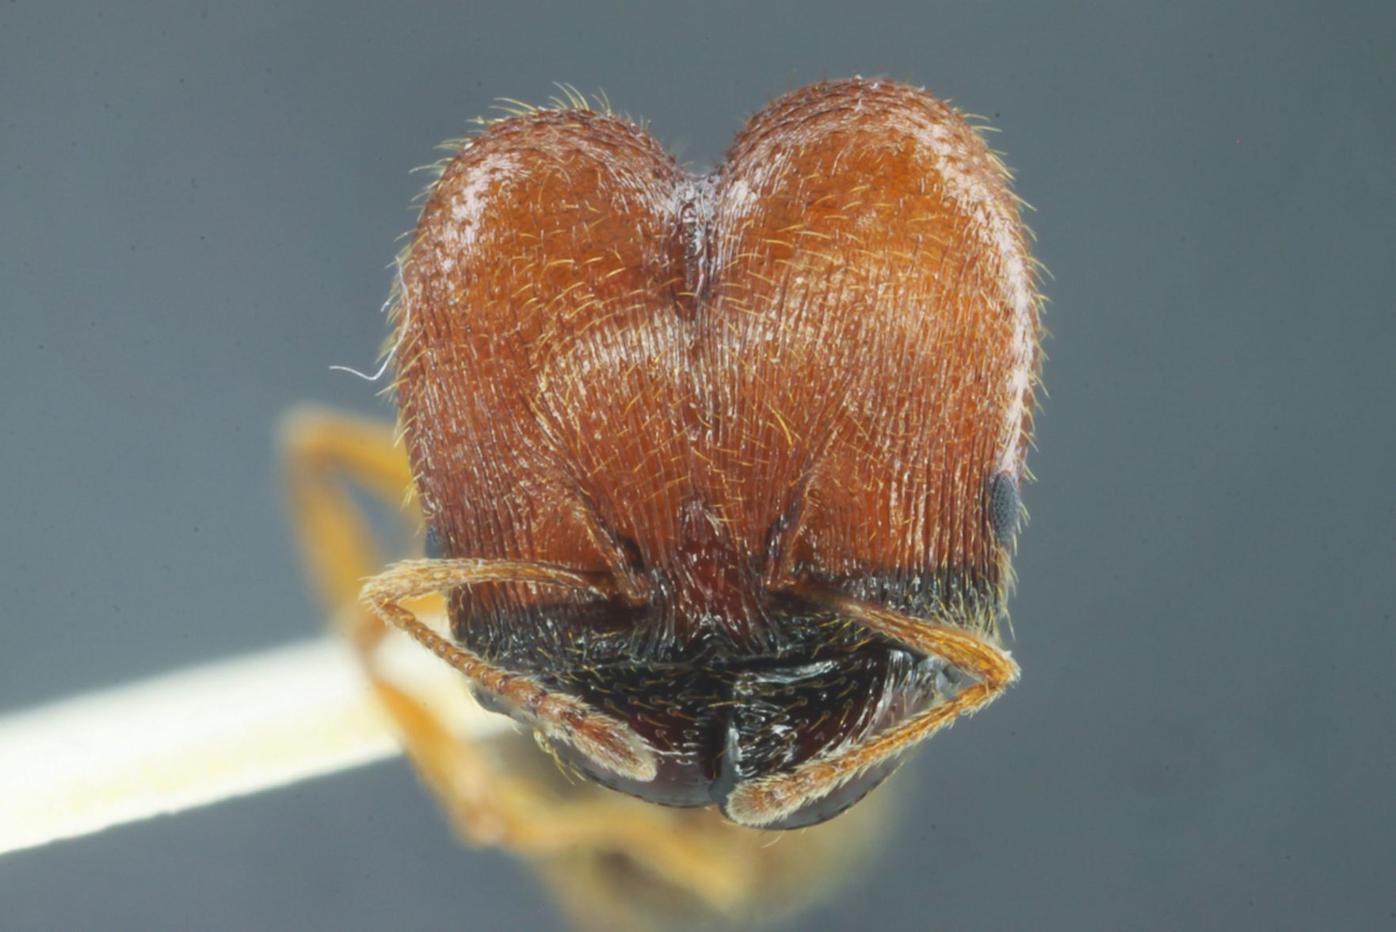 210404-lif-ant-head-